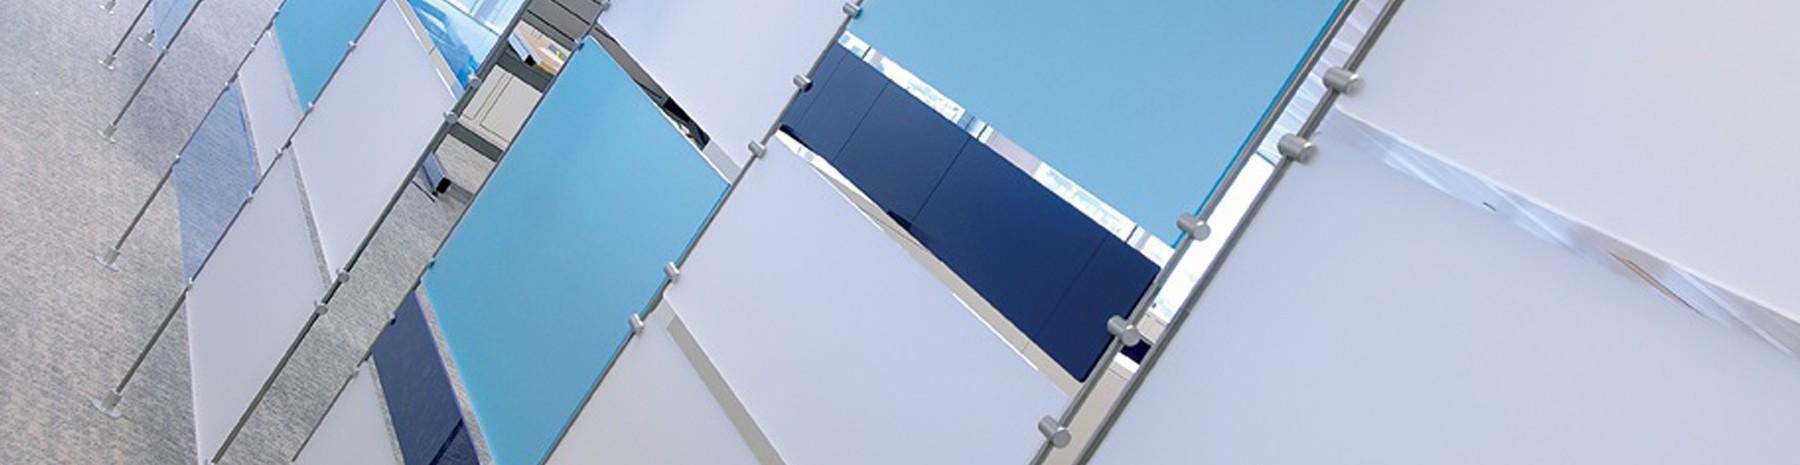 Gamme tiges Ø 10 mm pour l'affichages suspendus et la signalétique